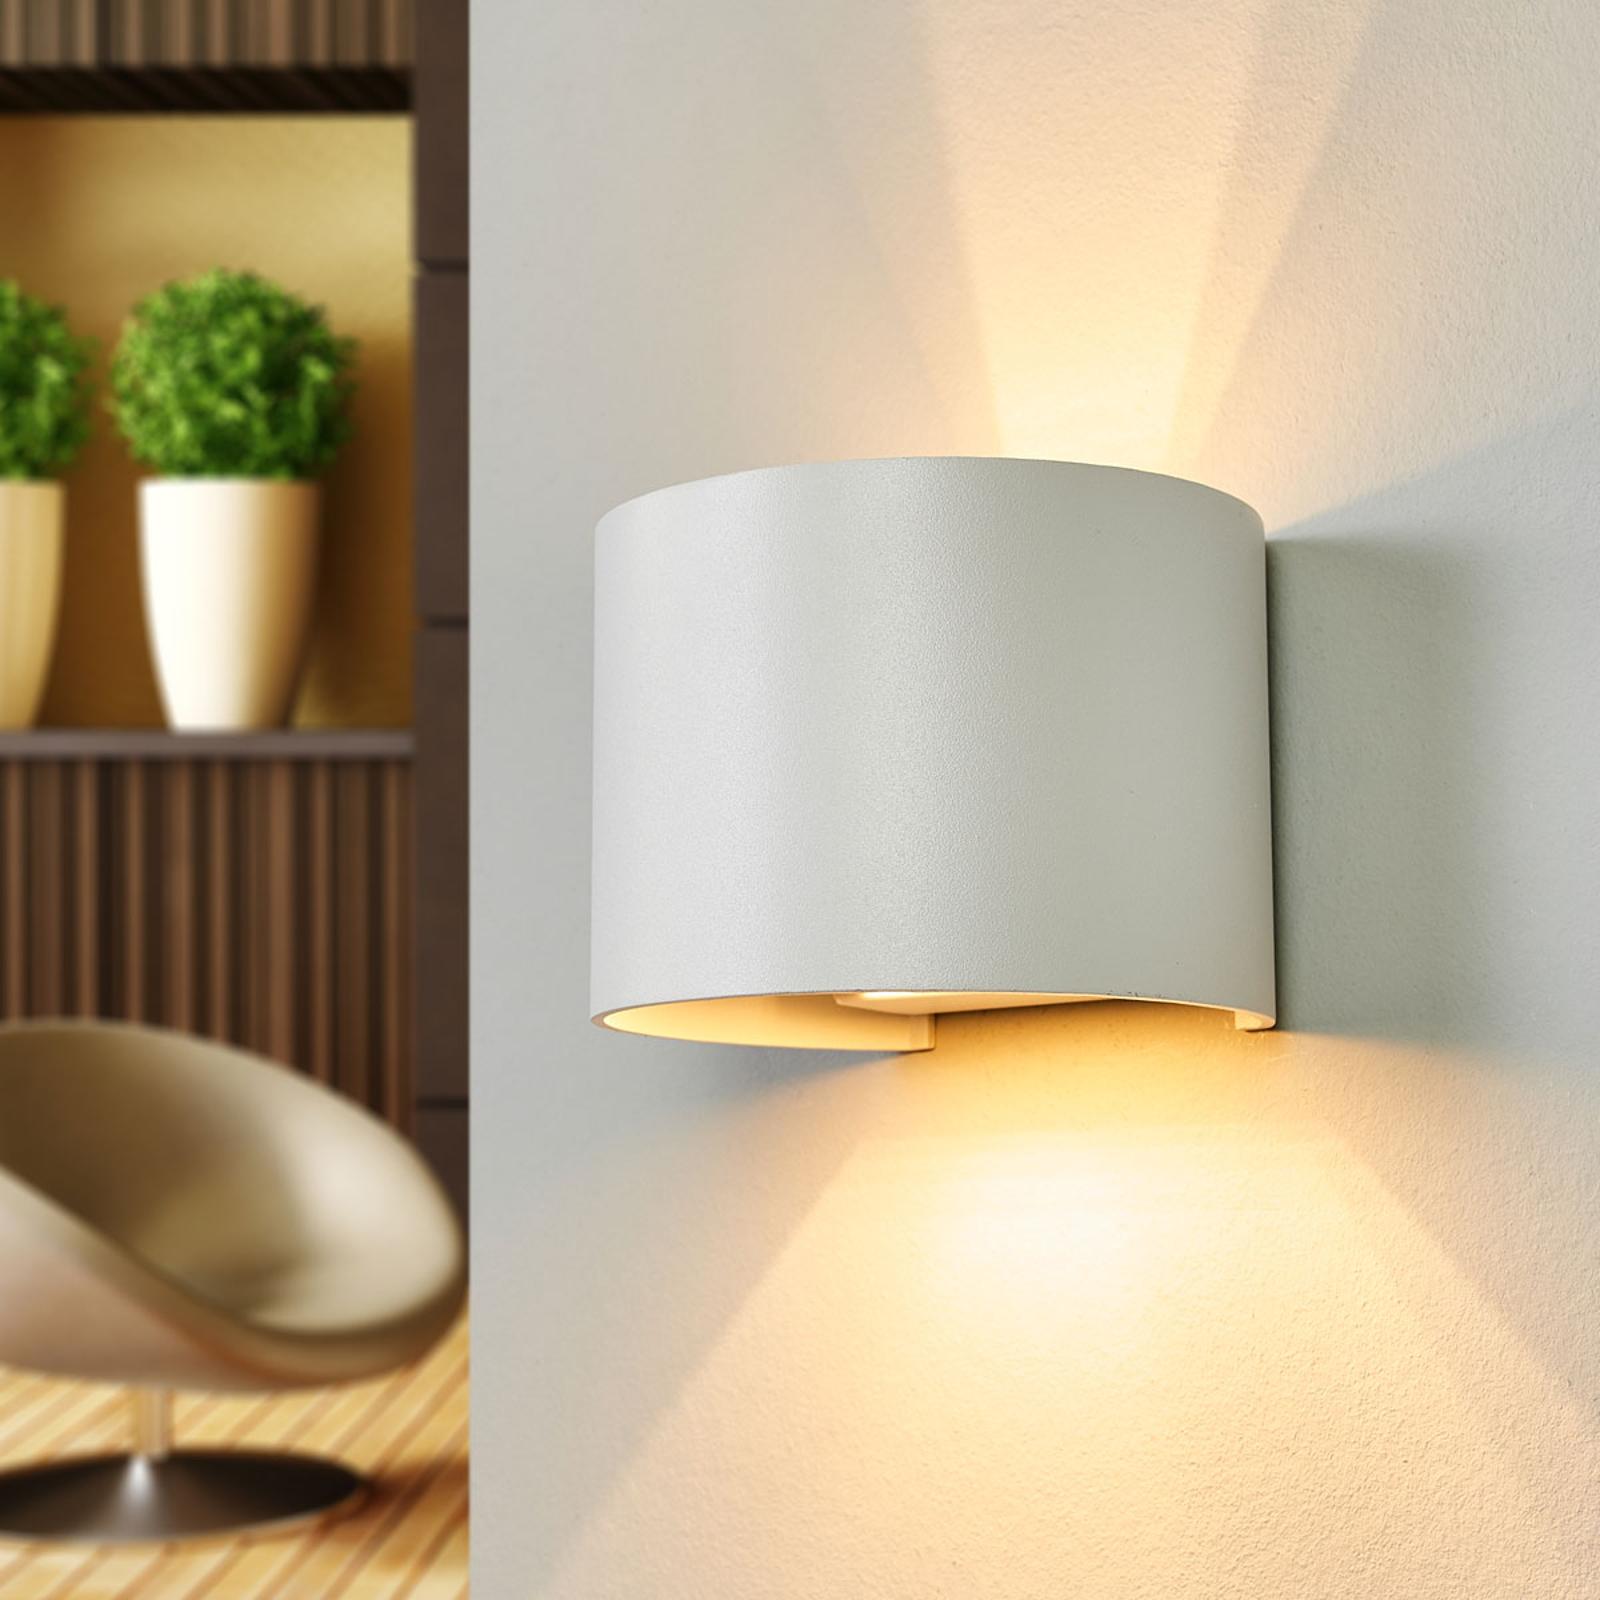 LED-Wandleuchte Xio, Breite 13 cm, weiß